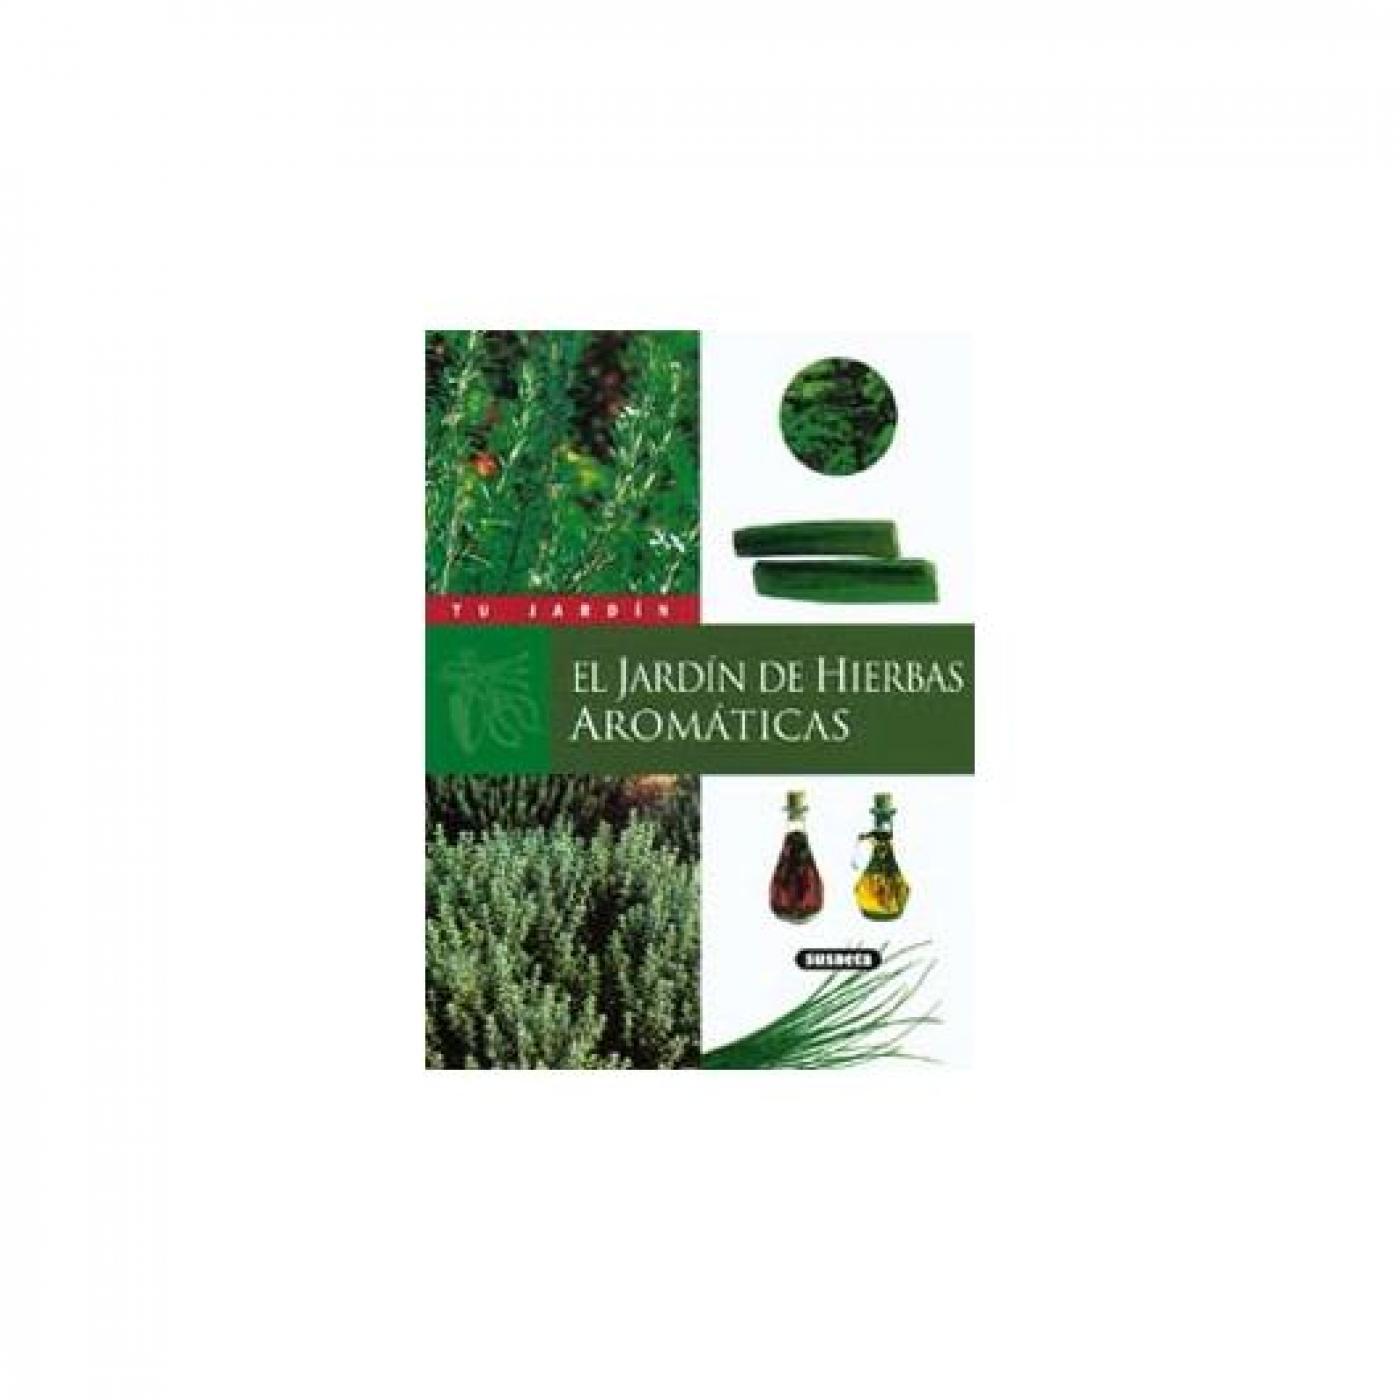 Jard n de hierbas arom ticas por 4 45 en planeta huerto for Jardin de plantas aromaticas